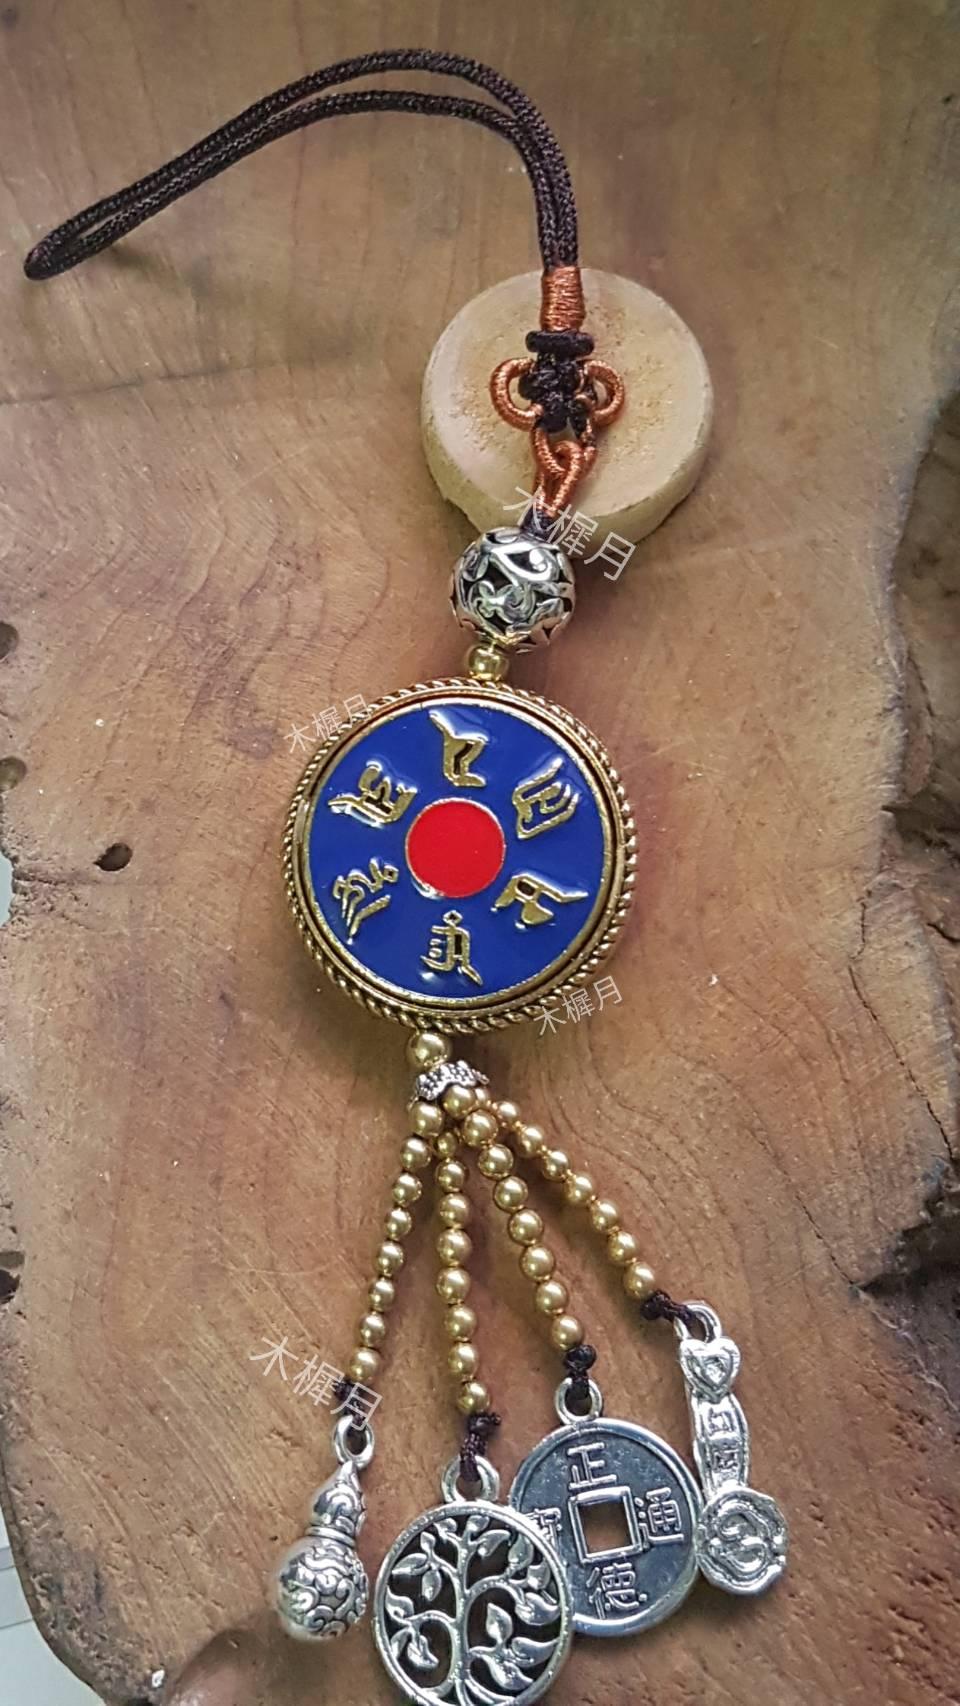 【木樨月】 景泰藍 六字箴言銅製吊飾-藍、紅